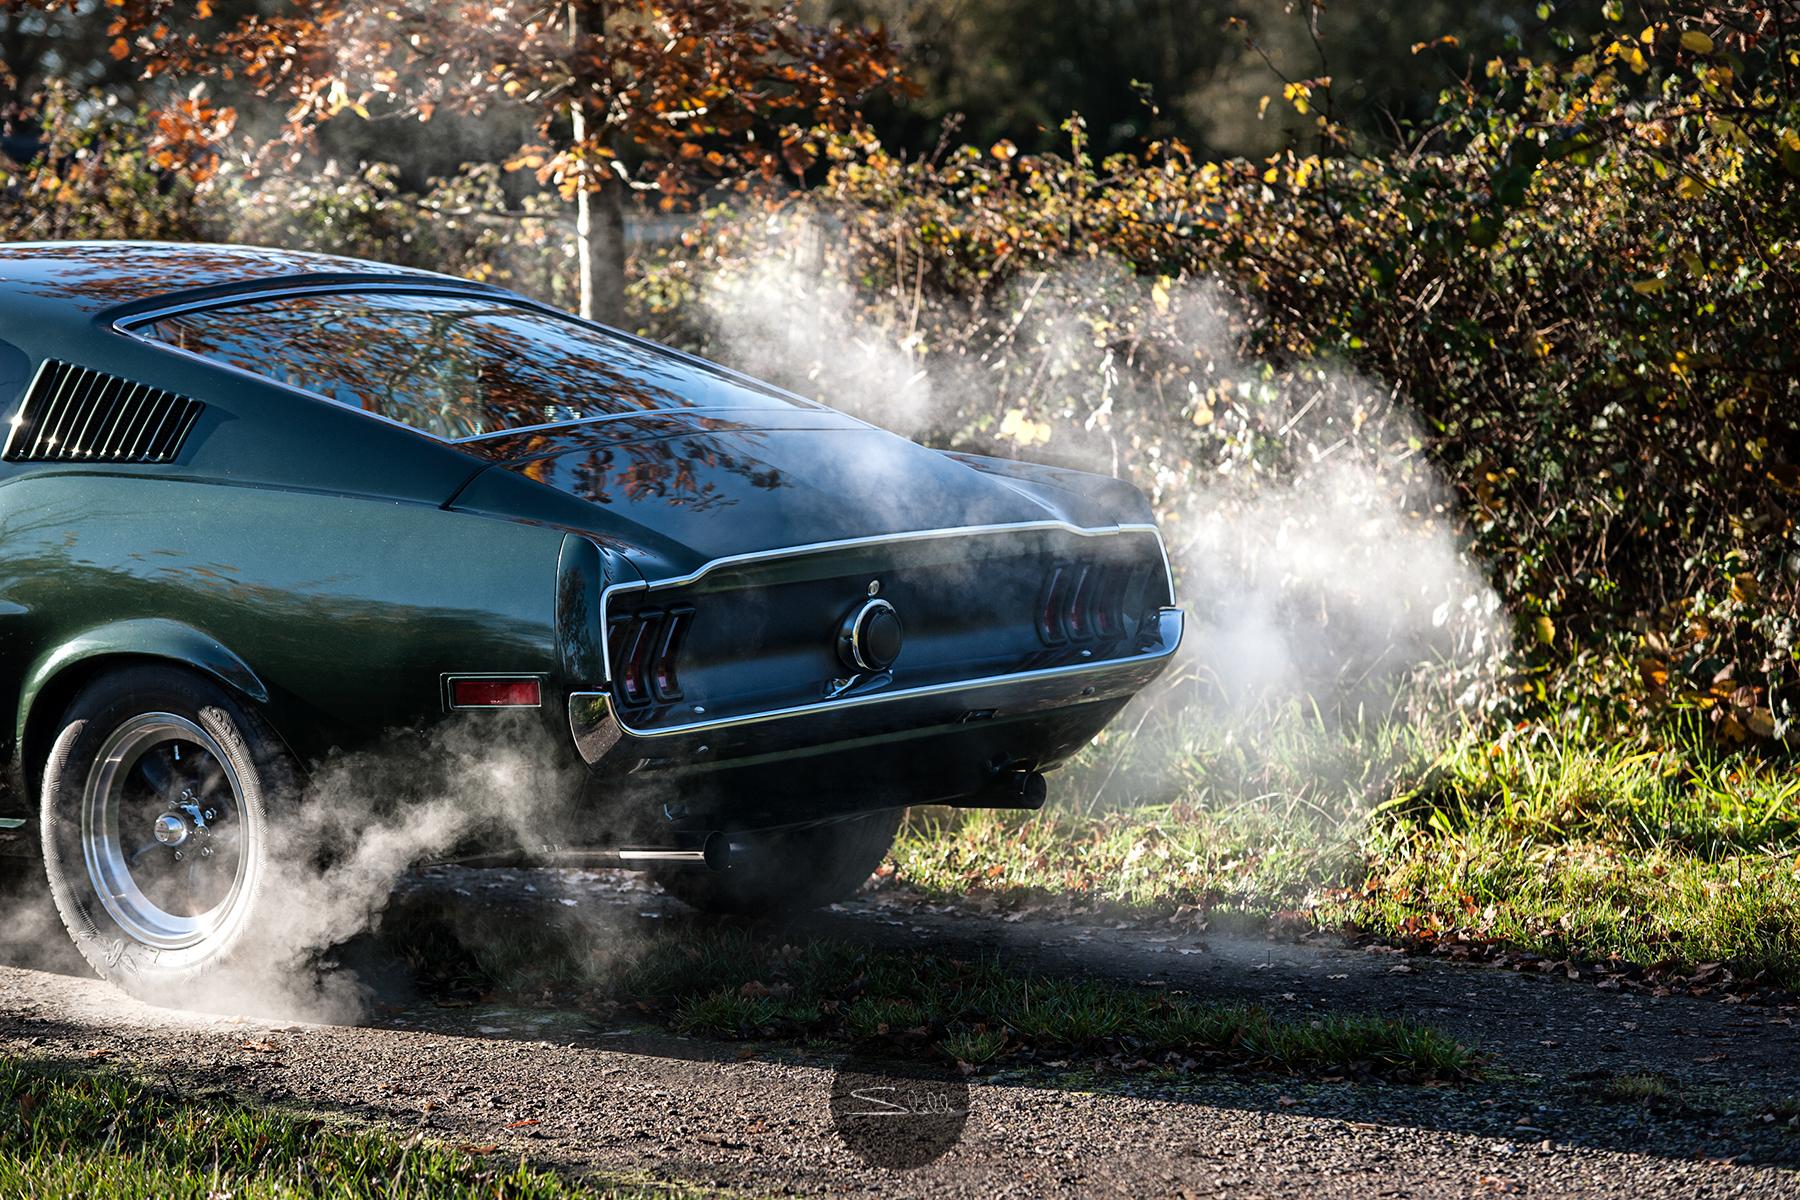 Stella Scordellis Mustang Smoke Watermarked.jpg